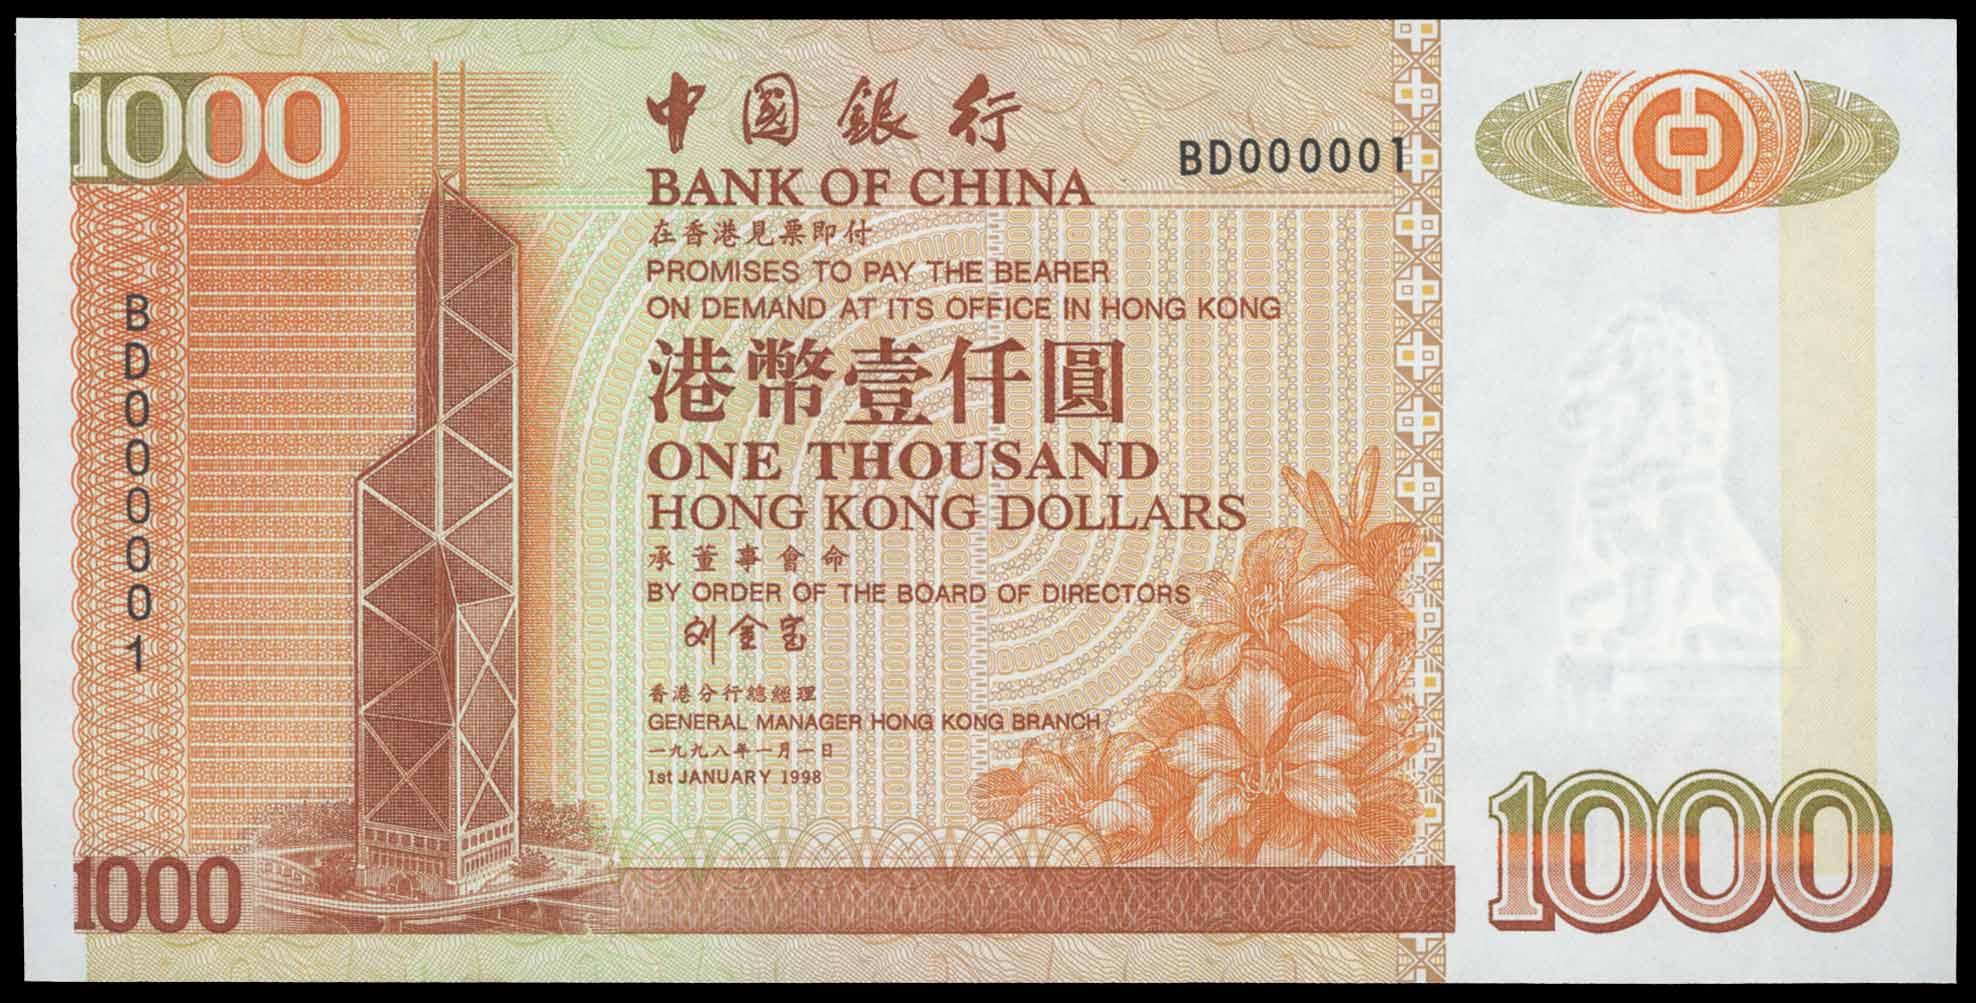 【原地遊】去香港旅行多少錢才夠?哪裡換錢最化算?